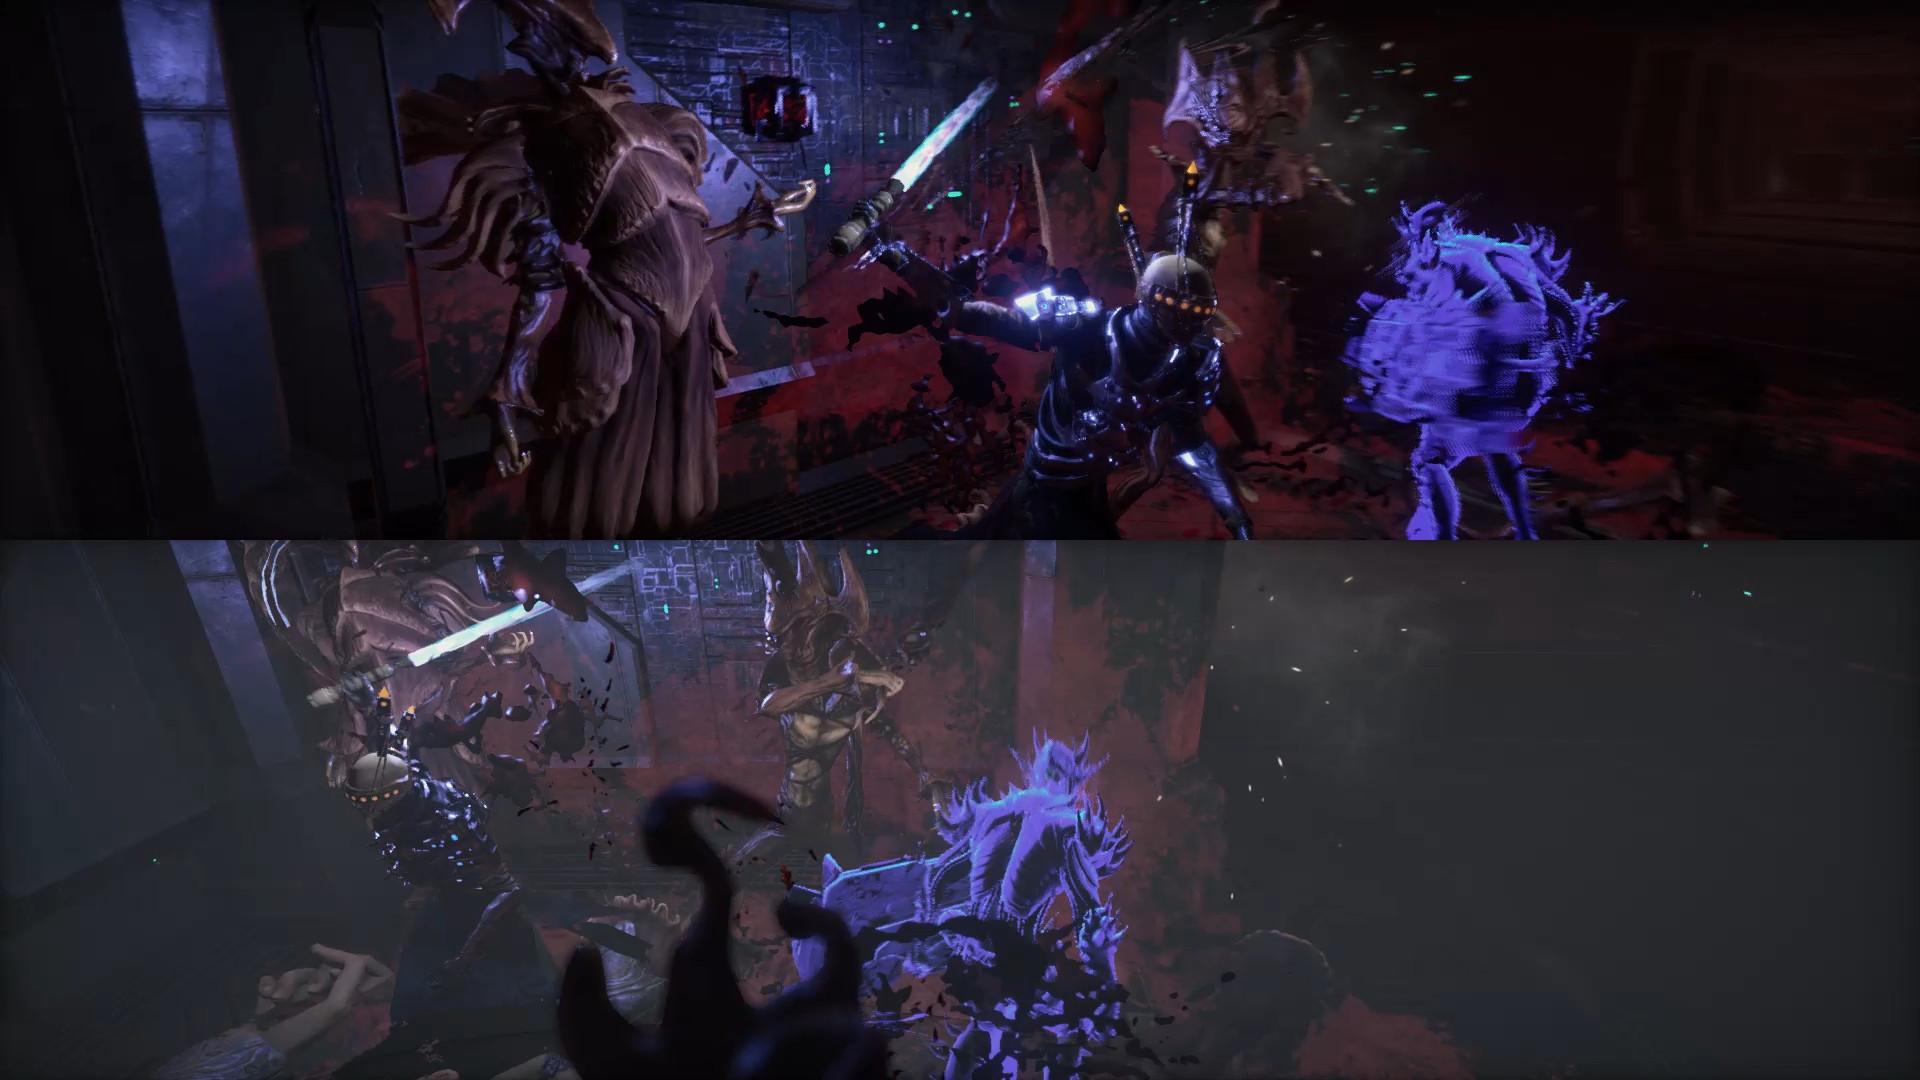 魂类动作RPG游戏《地狱时刻》发售日确定 登陆Steam和主机